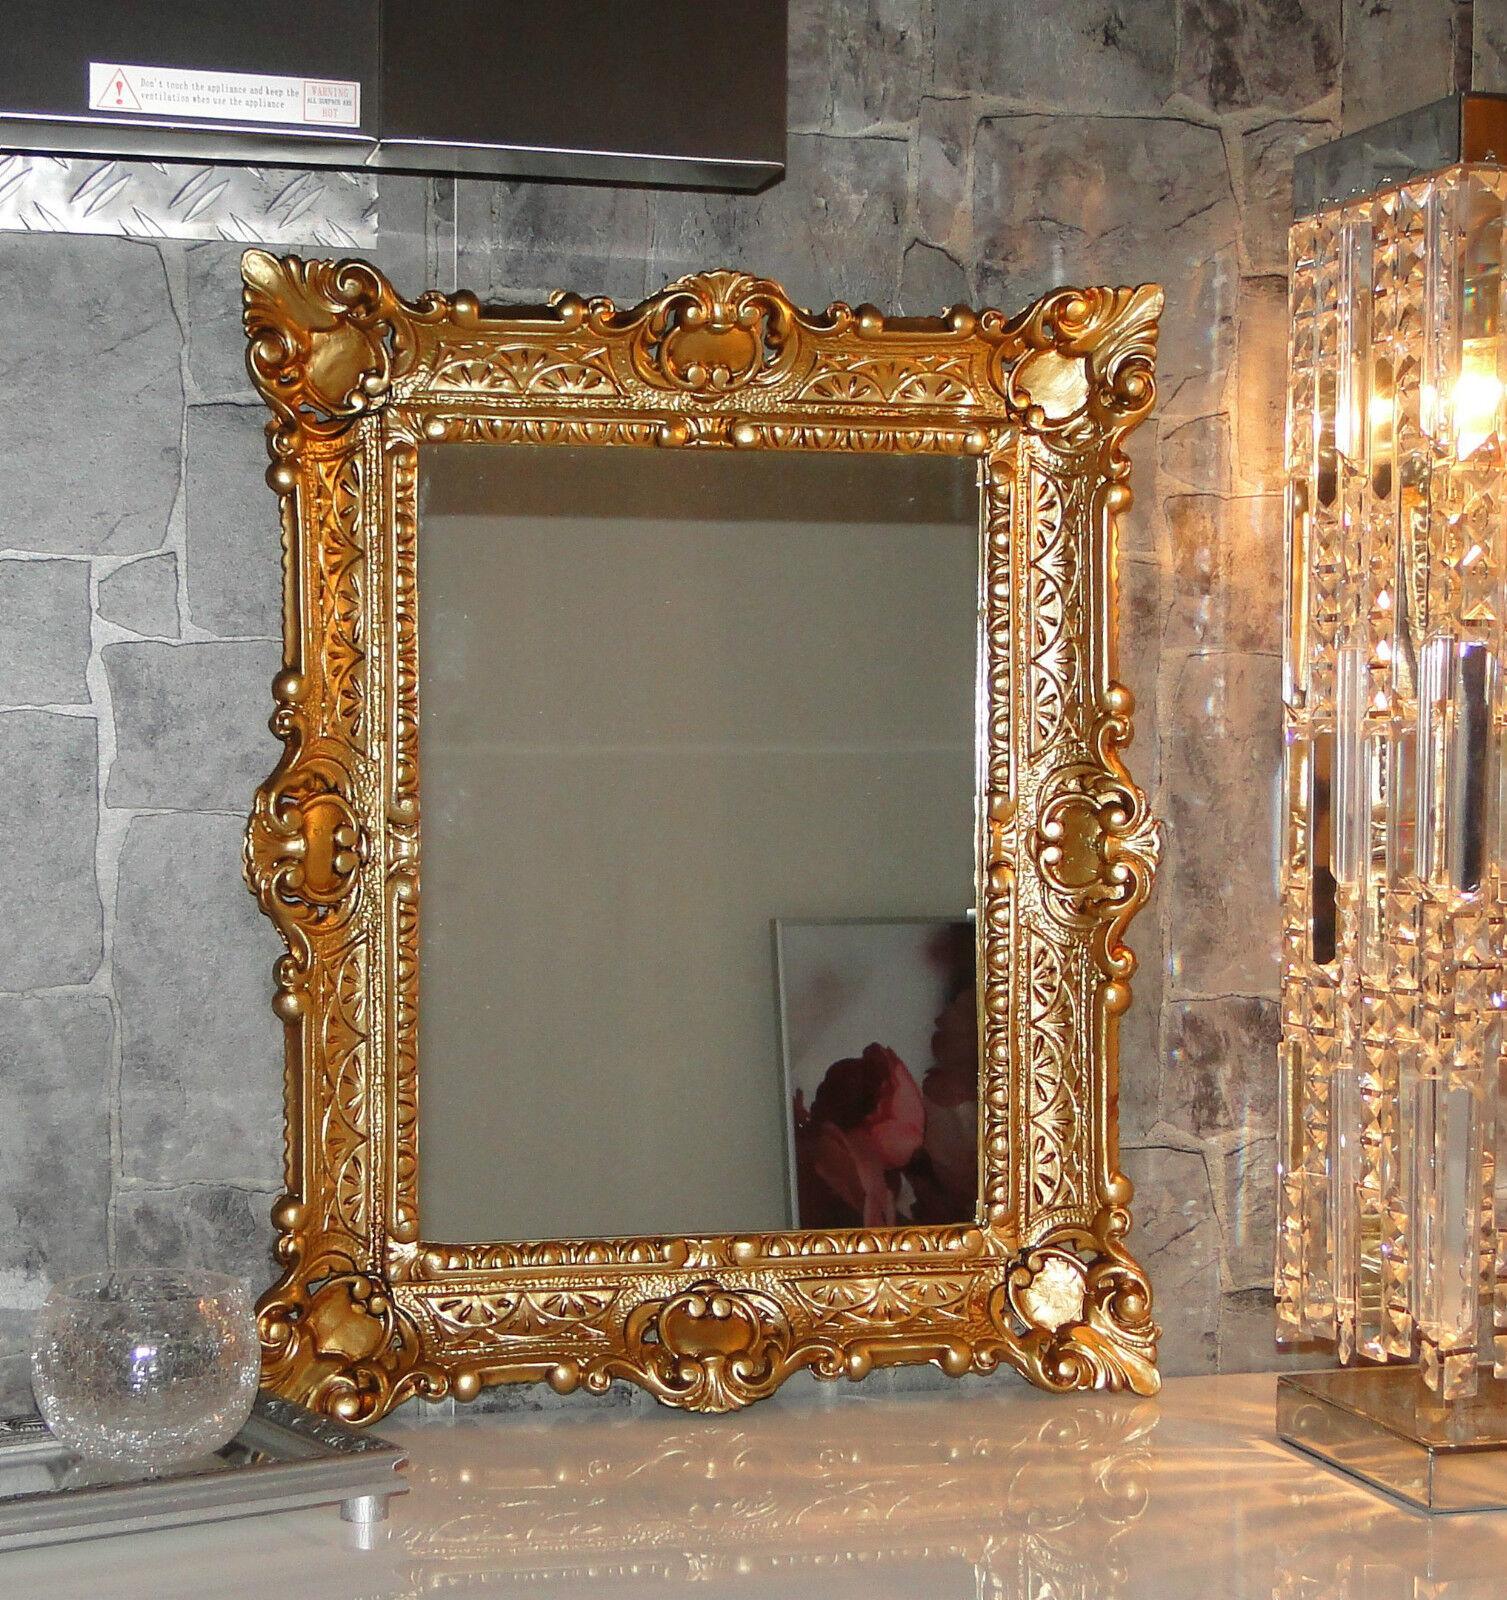 ANTIK BAROCK BILDERRAHMEN GOLD 56×46 RECHTECKIG REPRO 30×40 BAROCKRAHMEN BILDER eBay